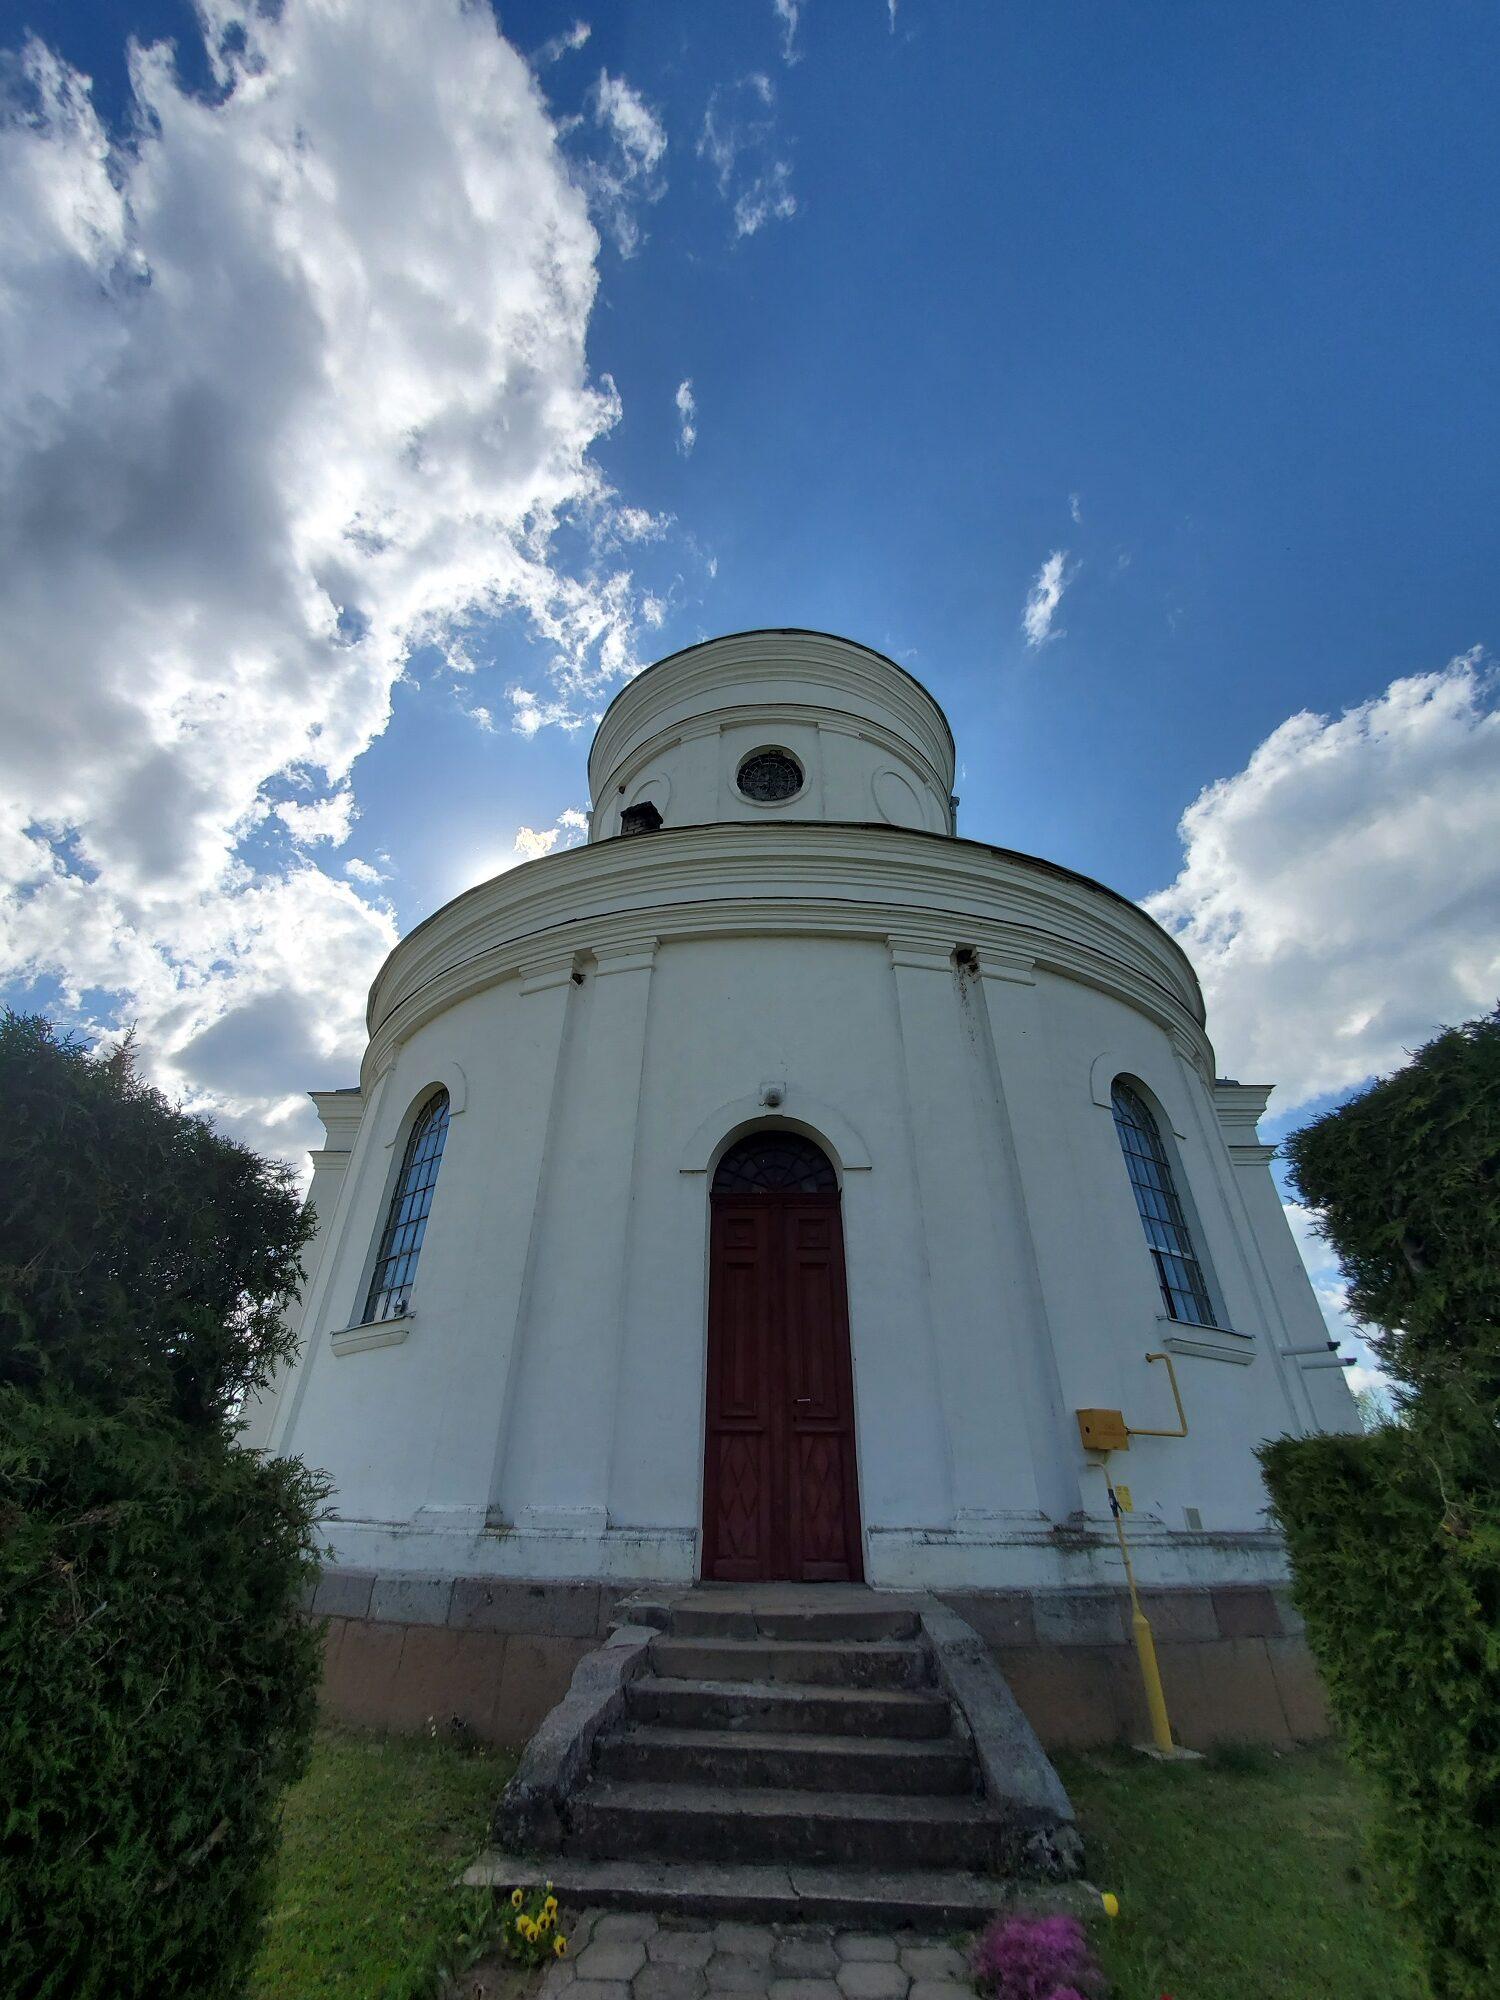 20200606 165033 rotated - Костел Пресвятой Девы Марии в деревне Парафьяново